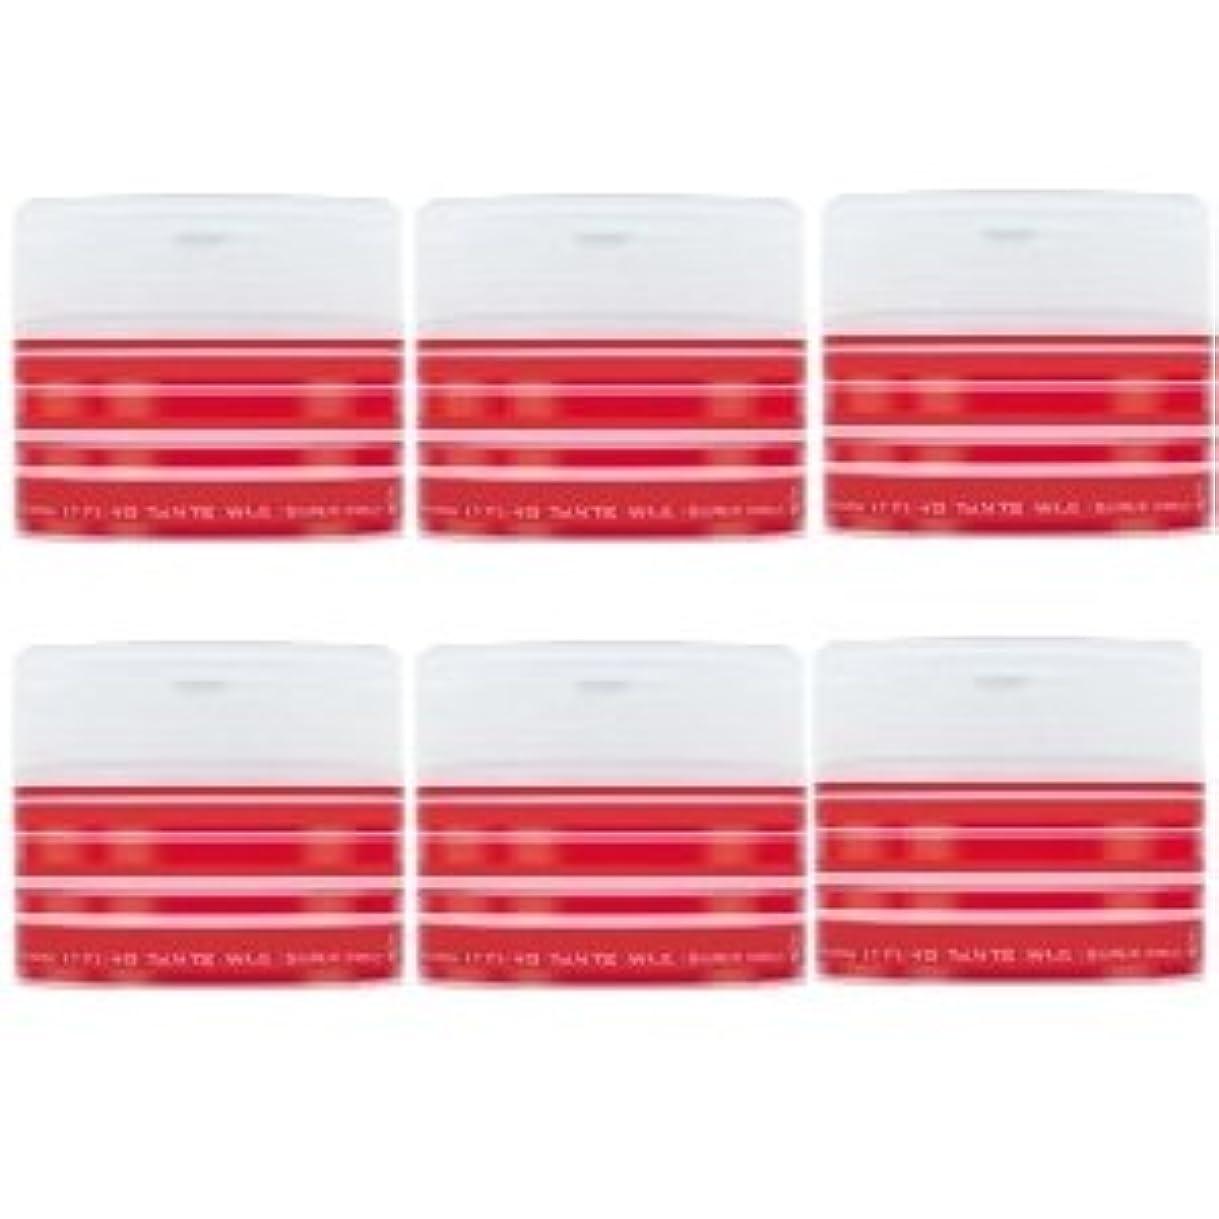 ありふれたカカドゥ空白ナカノ スタイリング タントN ワックス 5 スーパーハード 90g × 6個セット